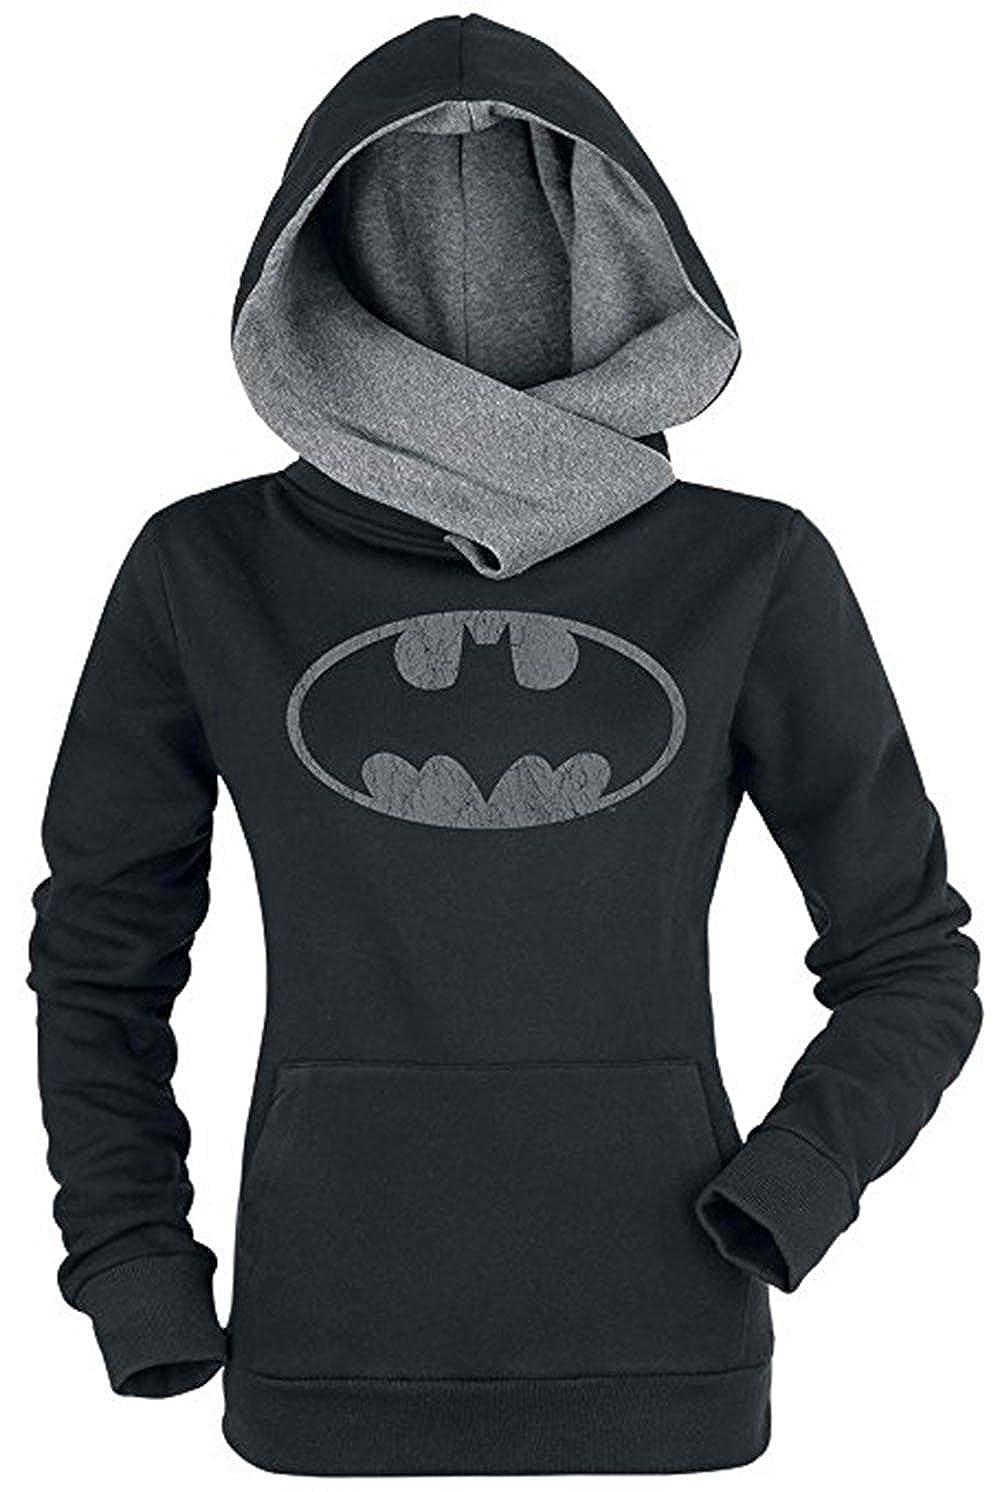 Shilanmei Women Cotton Long Sleeve Coat Top Tees Batman Hoodies Sweatshirts